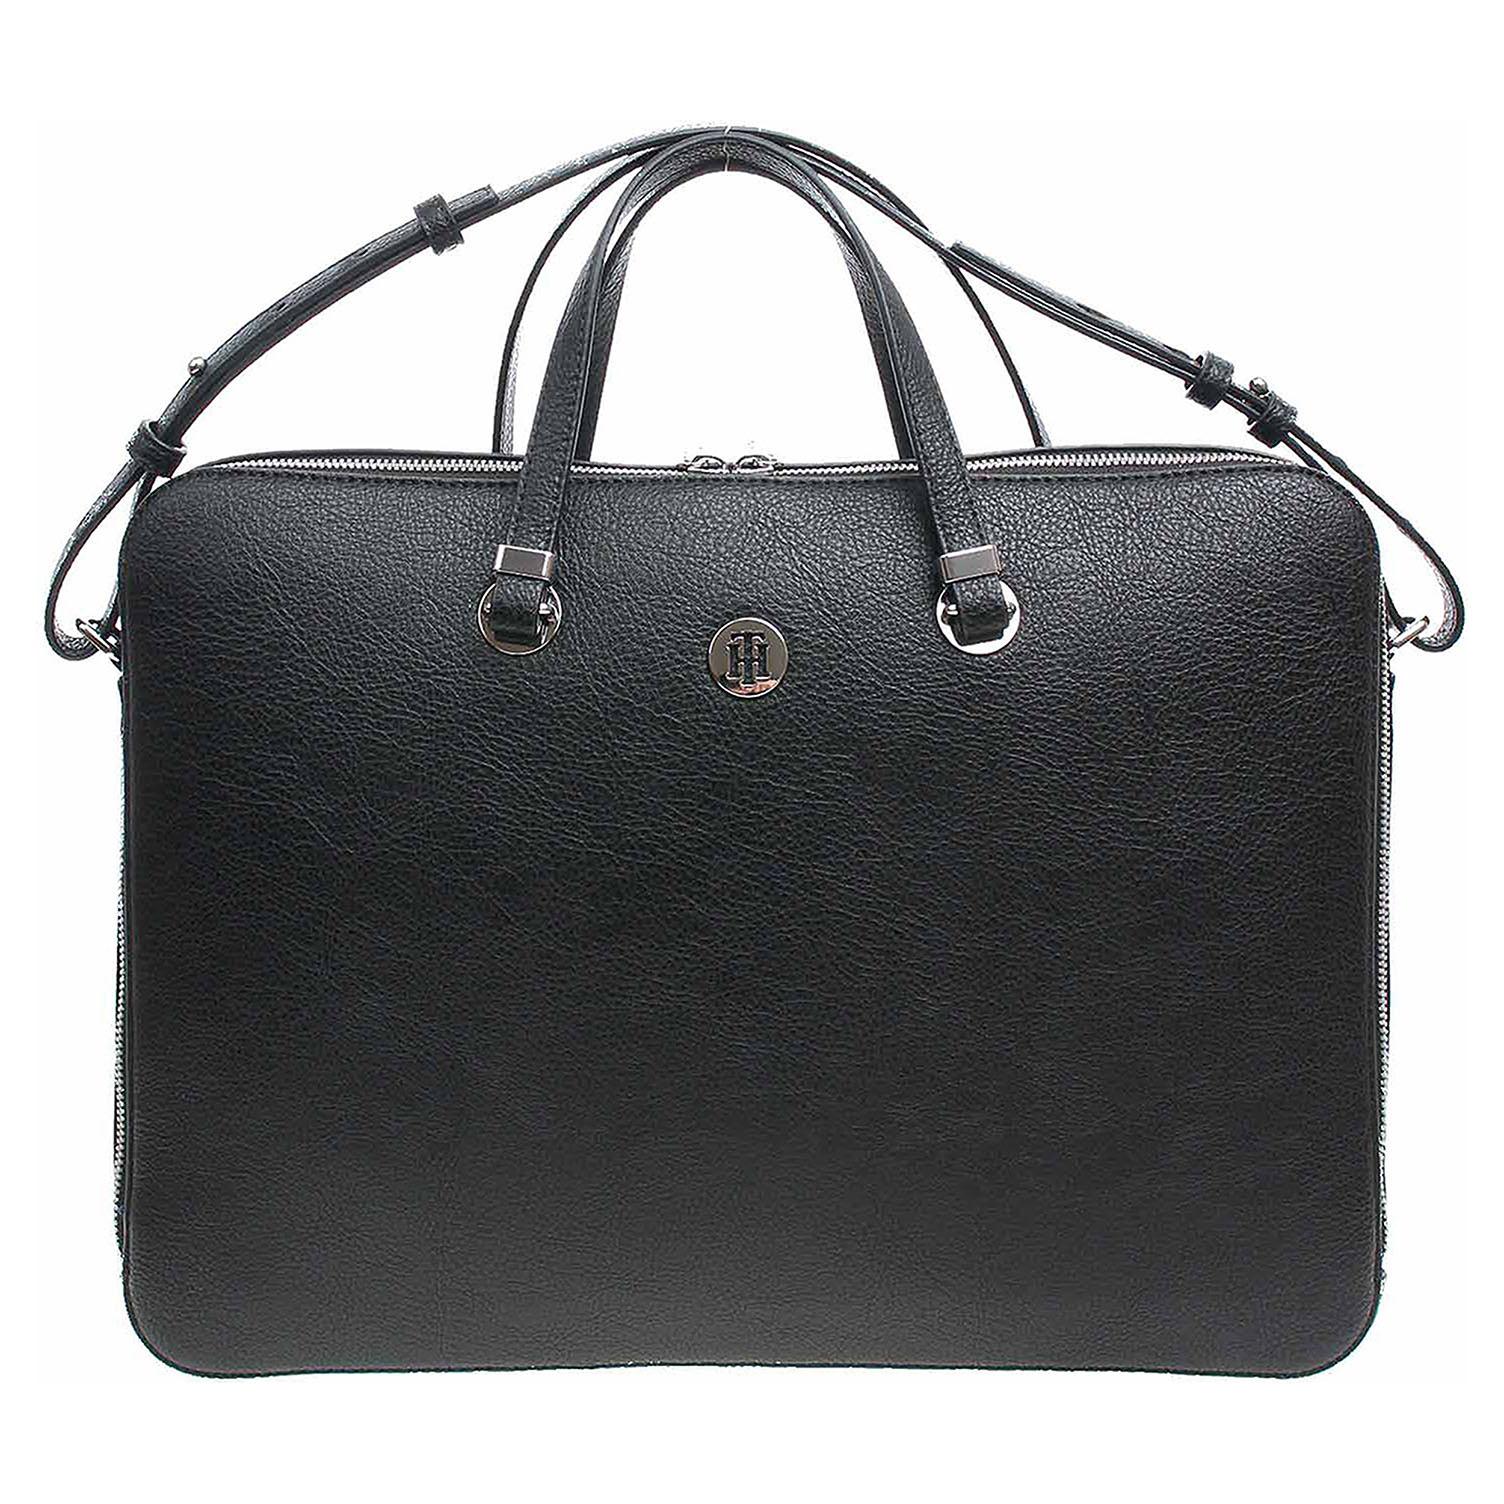 Tommy Hilfiger dámská taška AW0AW06424 002 black-warm sand AW0AW06424 002 1